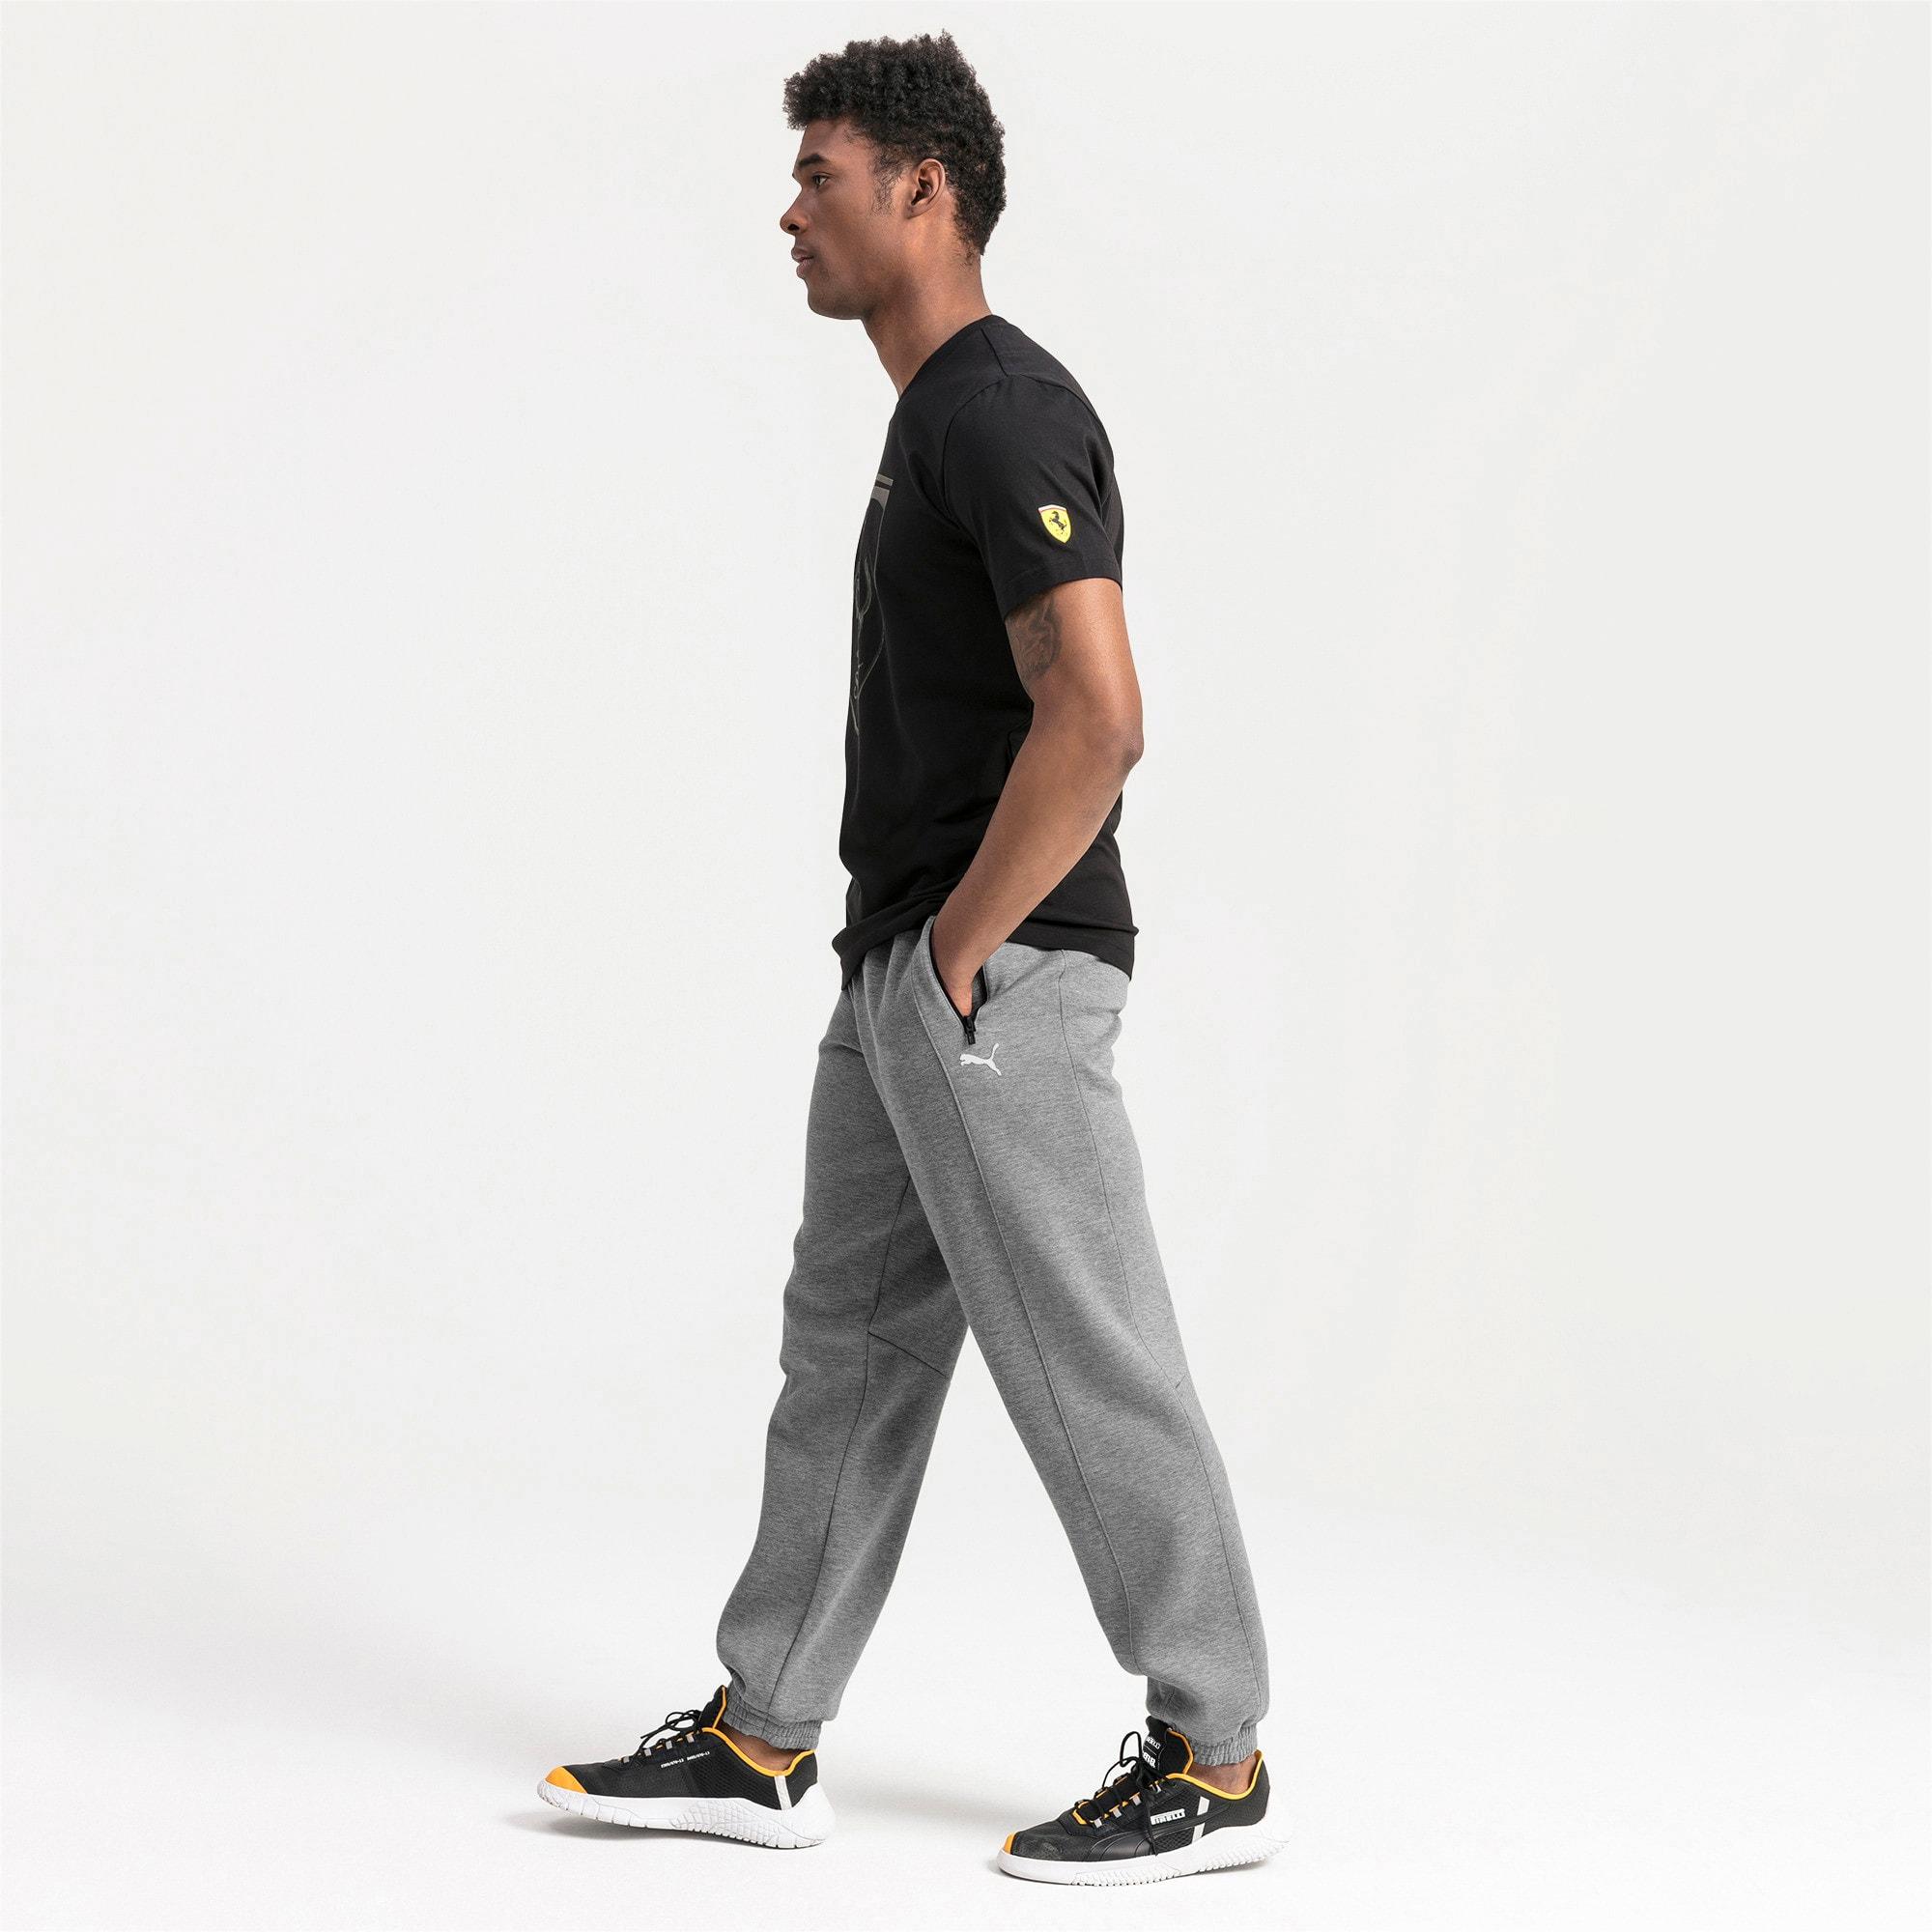 Thumbnail 3 of Pantaloni della tuta Ferrari uomo, Medium Gray Heather, medium